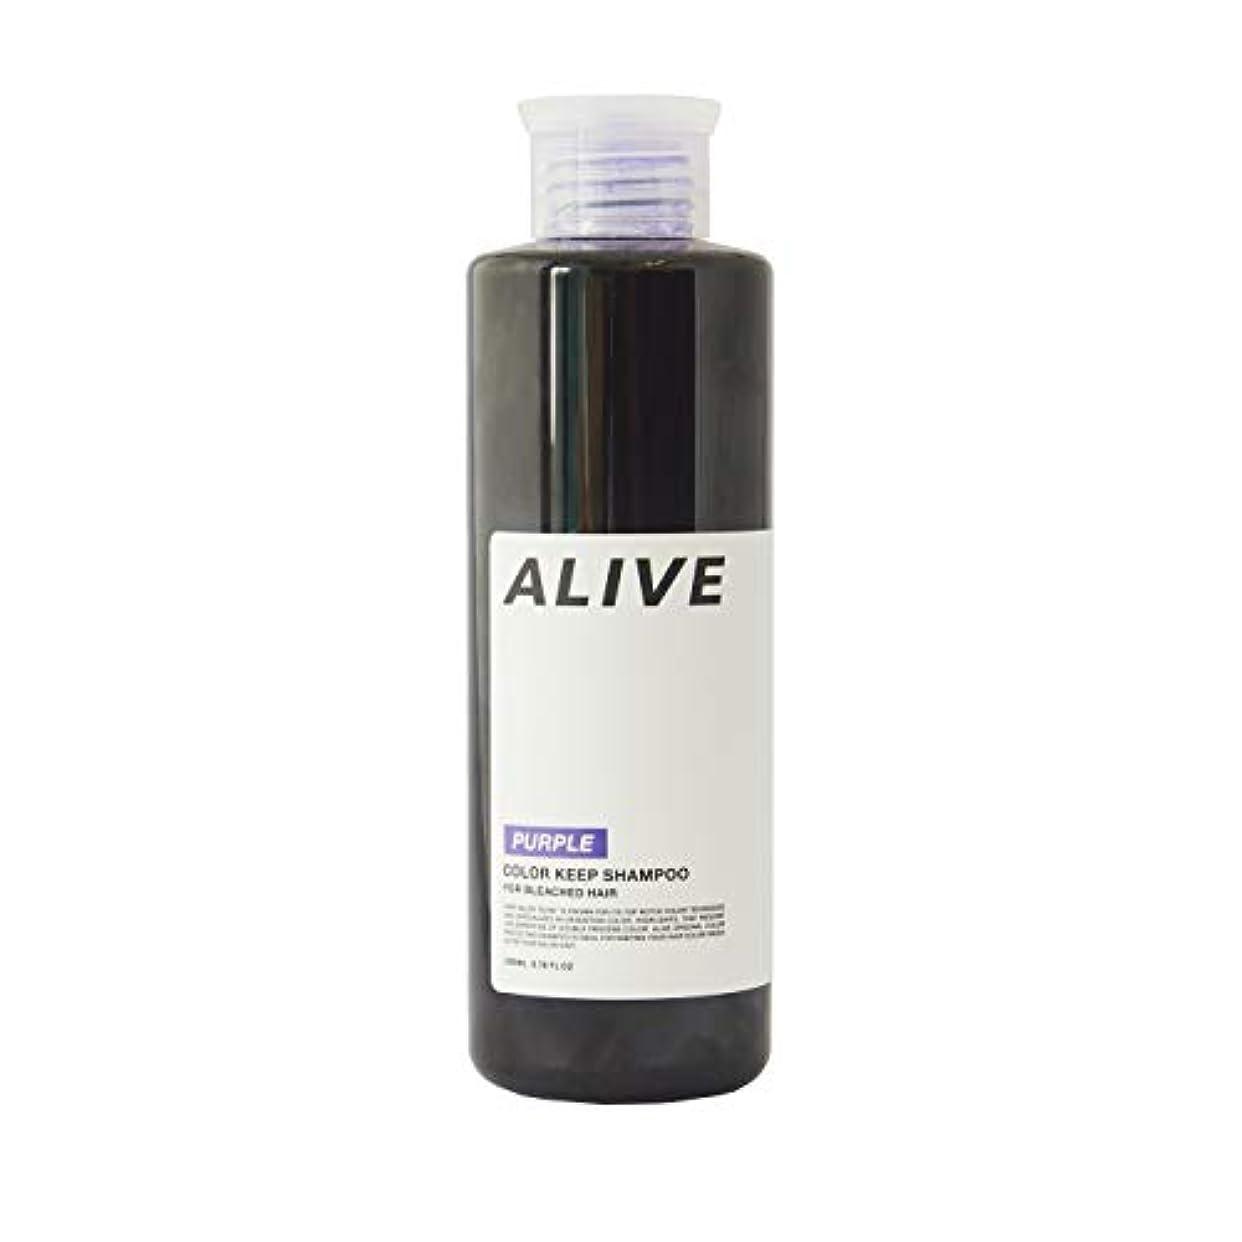 十分に強打公園ALIVE アライブ カラーシャンプー 極濃 紫シャンプー 200ml ムラサキ パープル ムラシャン ムラサキシャンプー